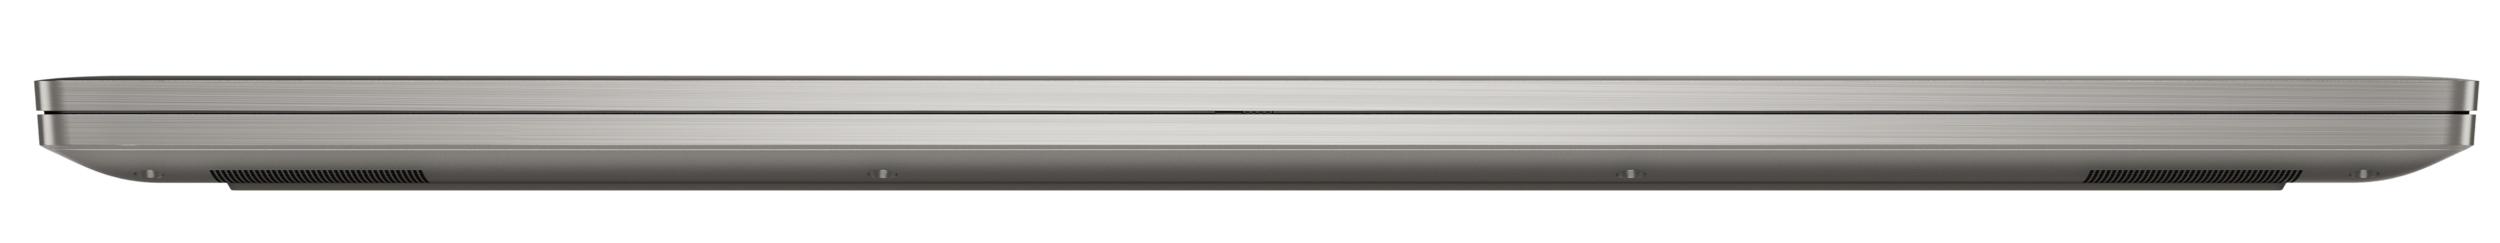 Фото  Ультрабук Lenovo Yoga C930 (81C400LHRA)